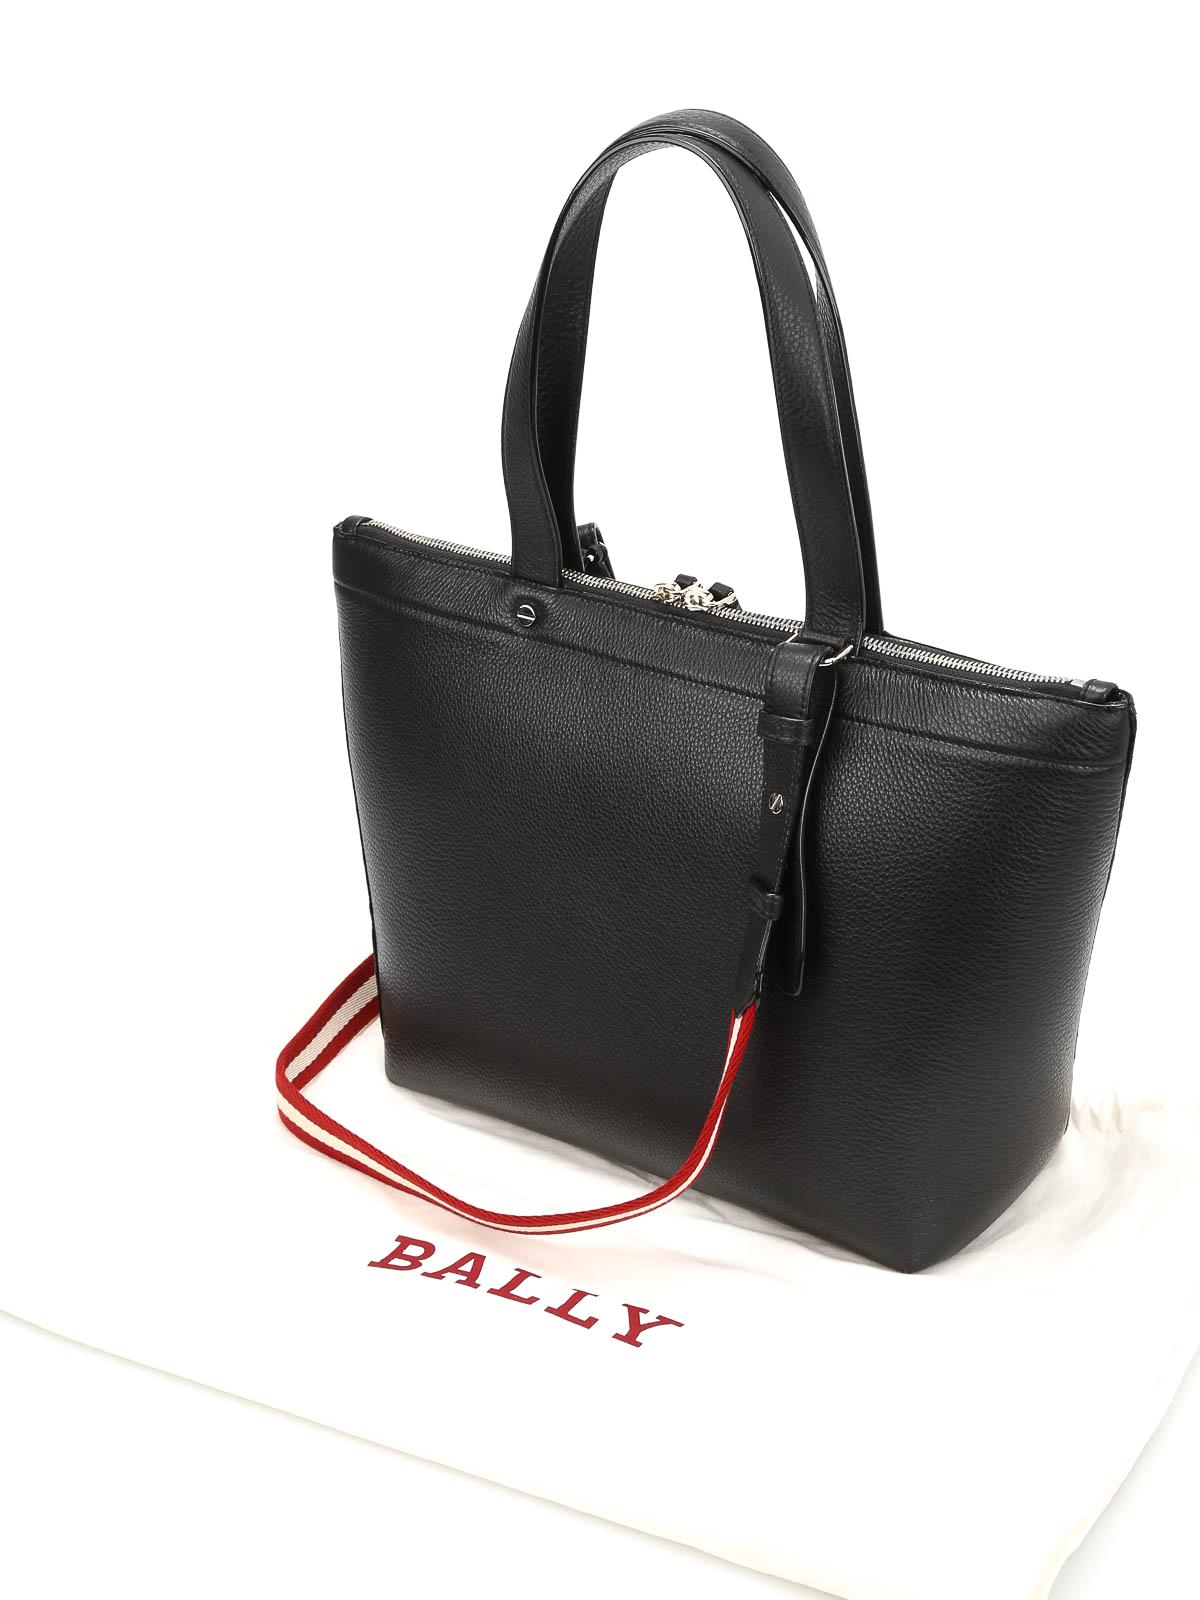 bally portemonnaie Billig, Bally Kleine Sommet Handtasche